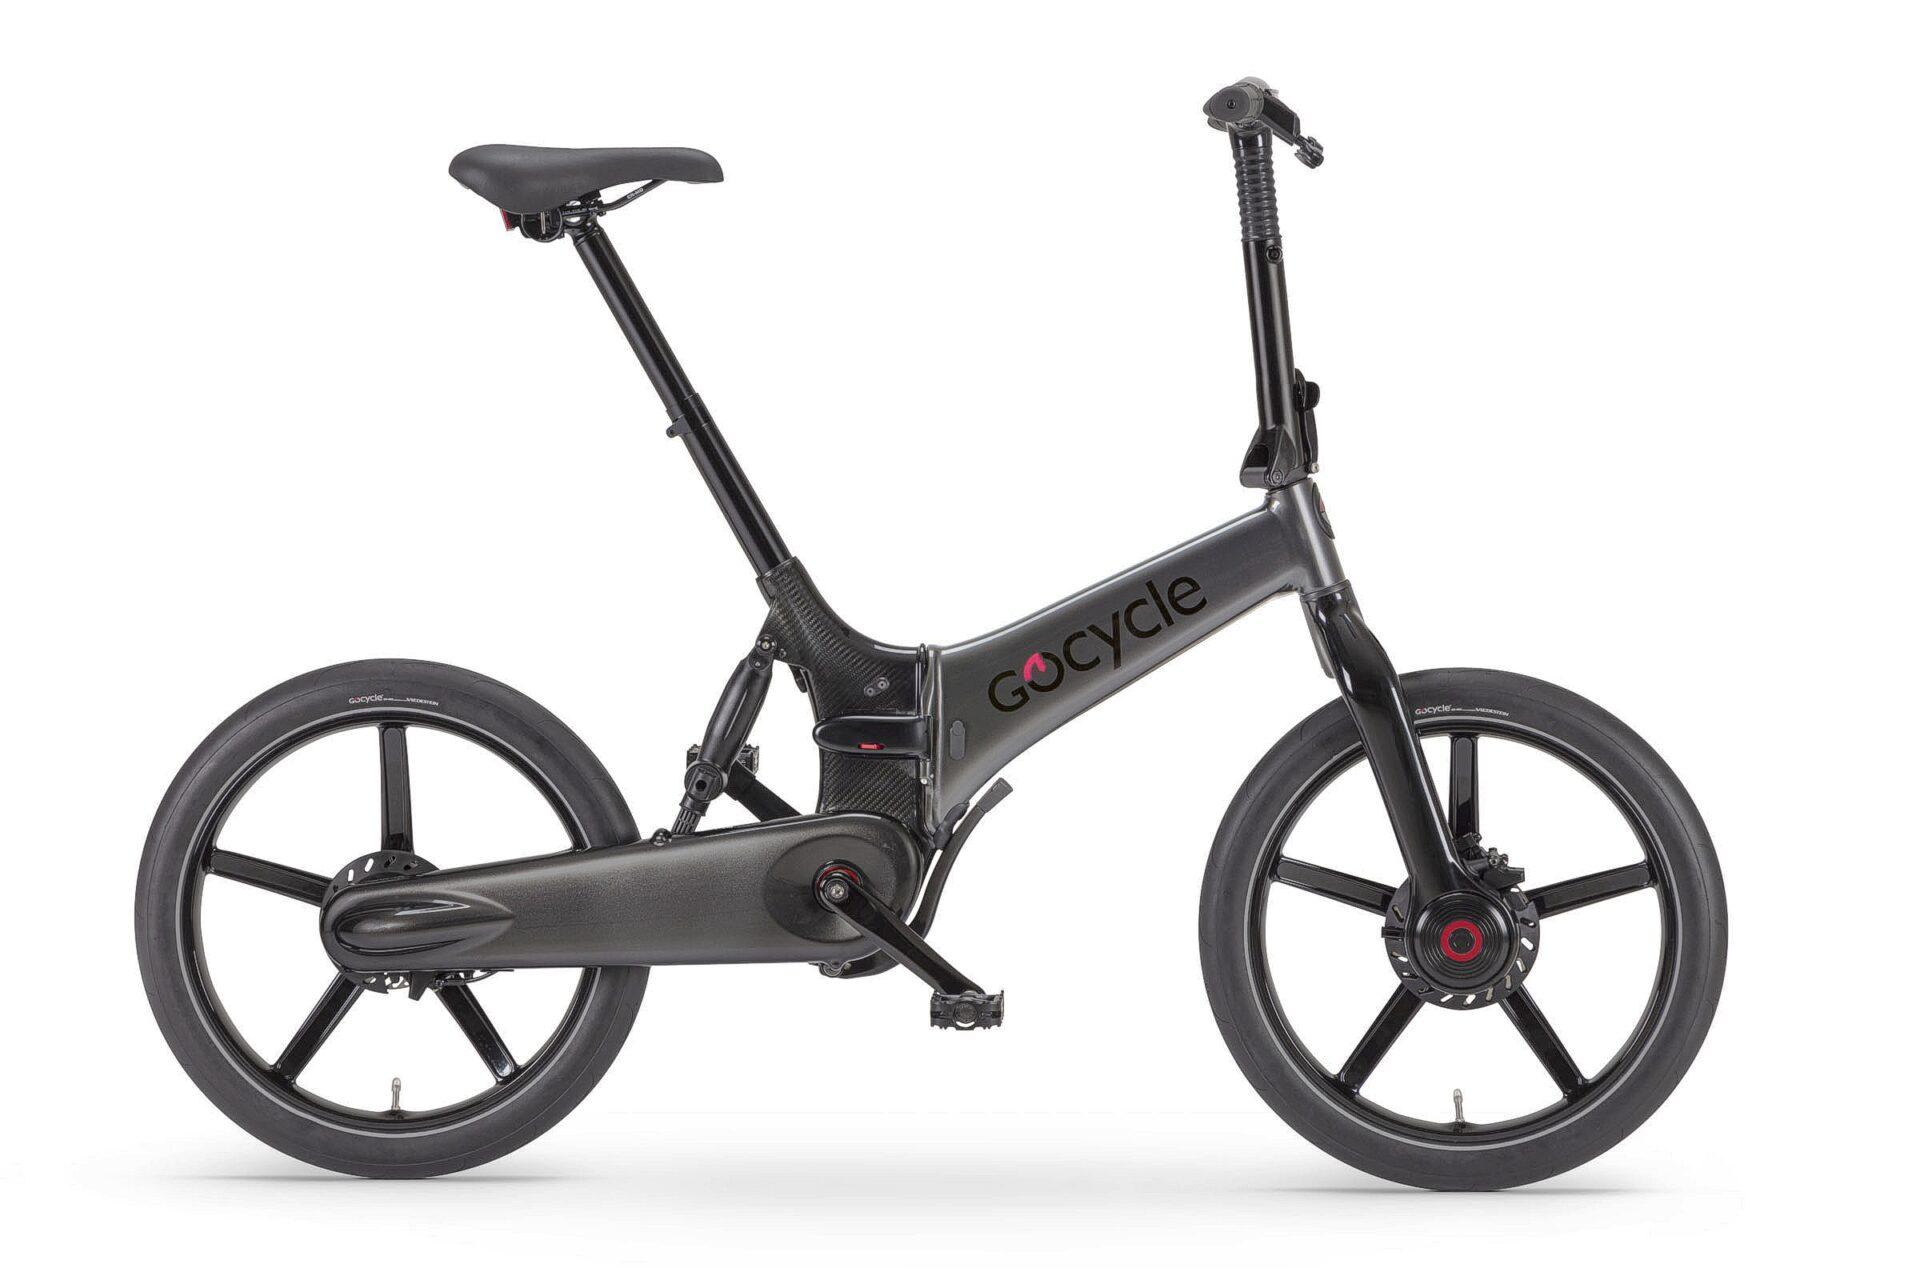 Gocycle G4i sive sijaj barve